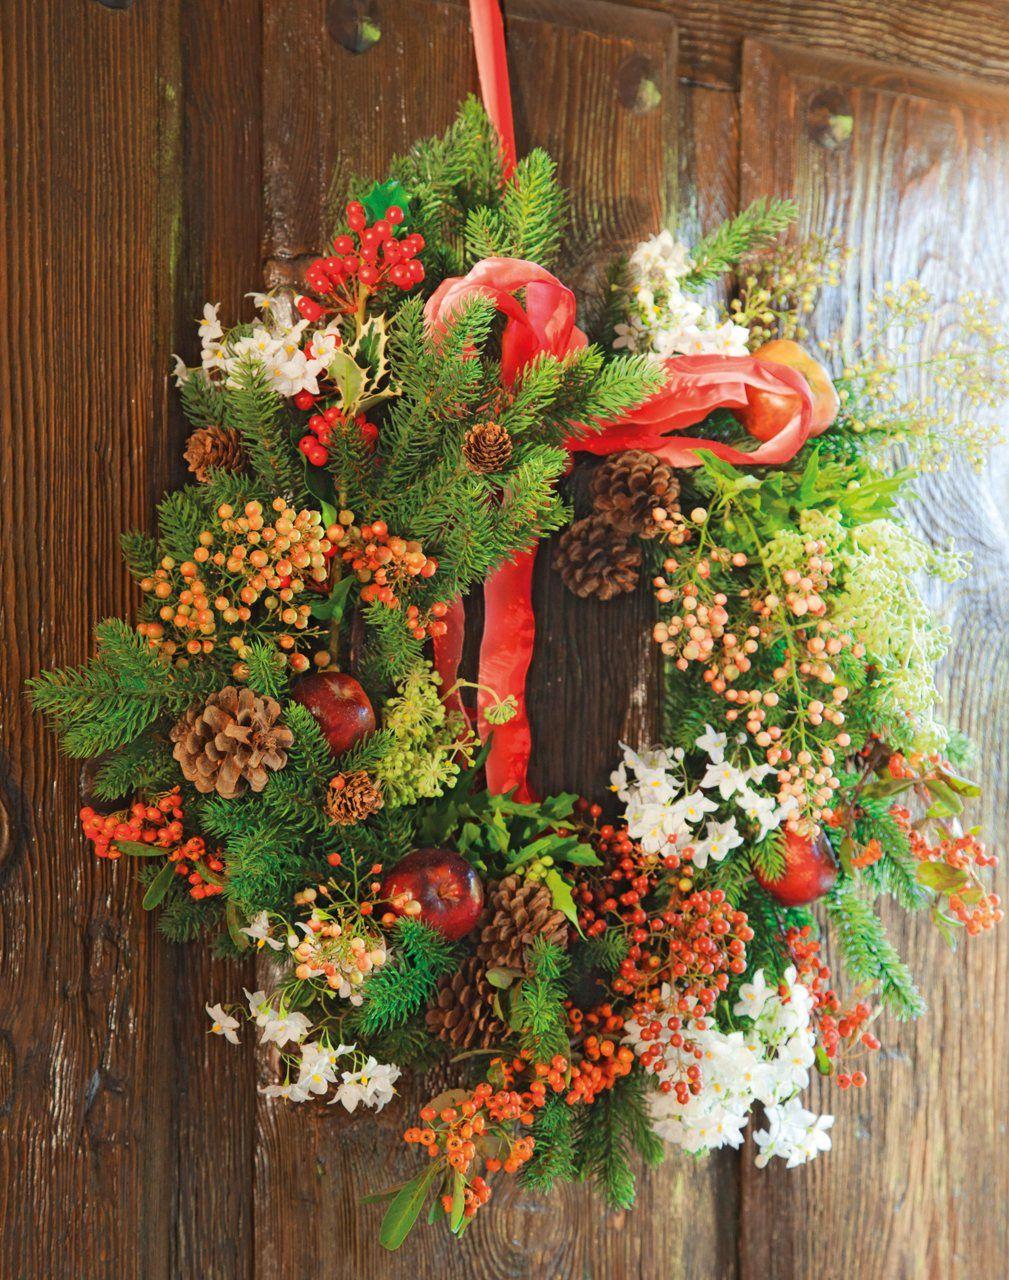 Una giornata magica: Decorare Cassa per Natale · Casa ElMueble.com